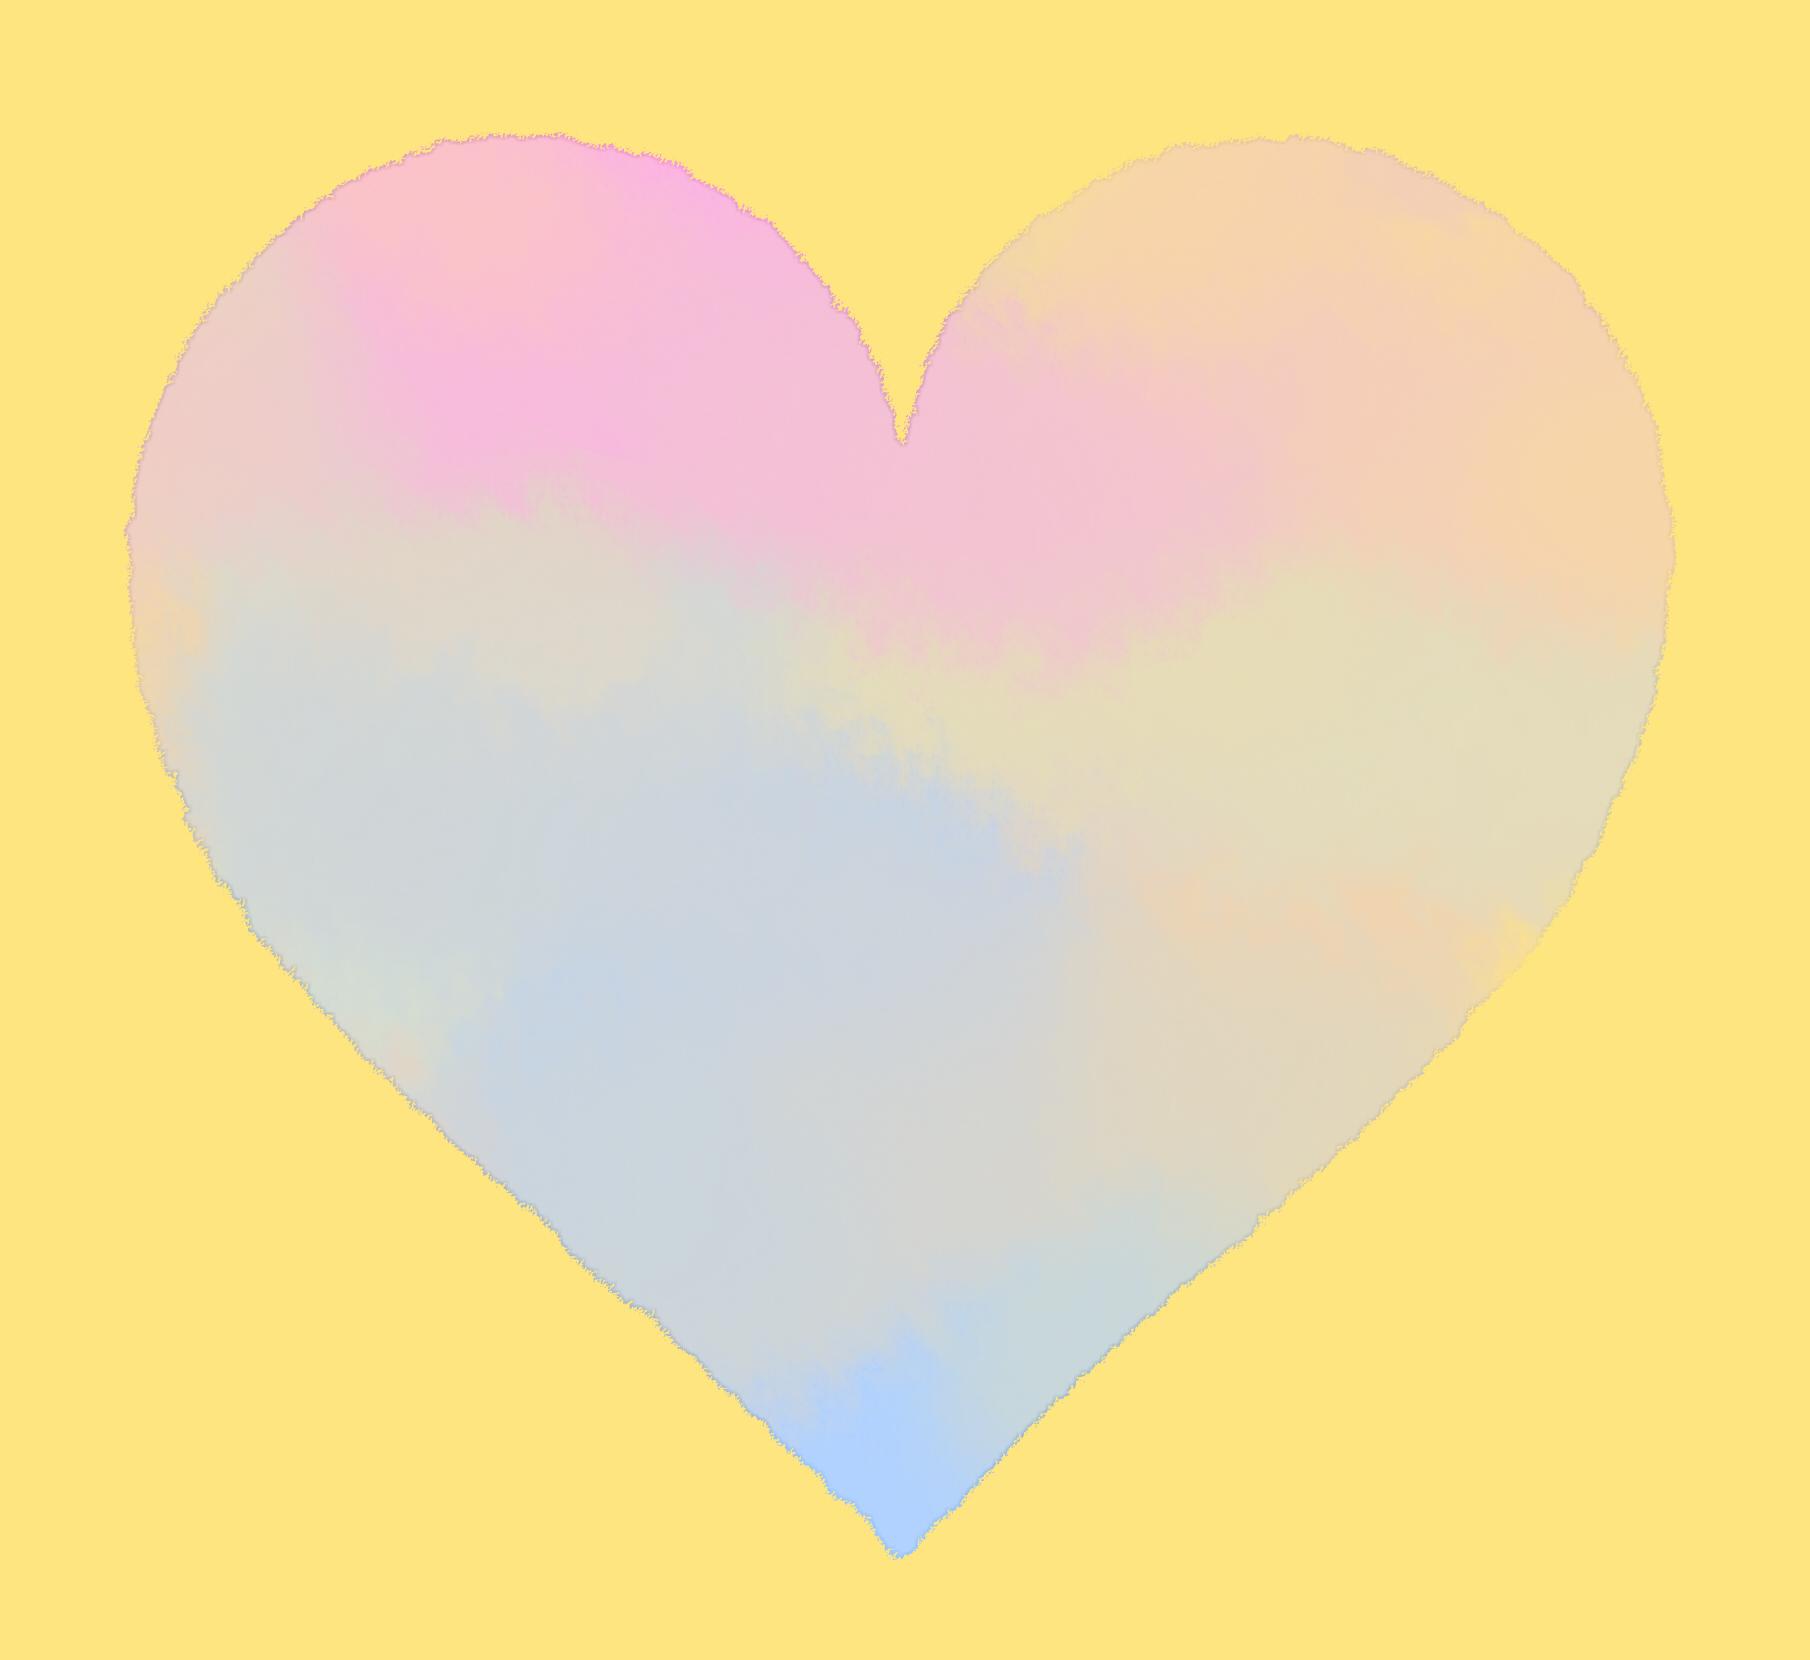 水彩風Heart素材のサンプル